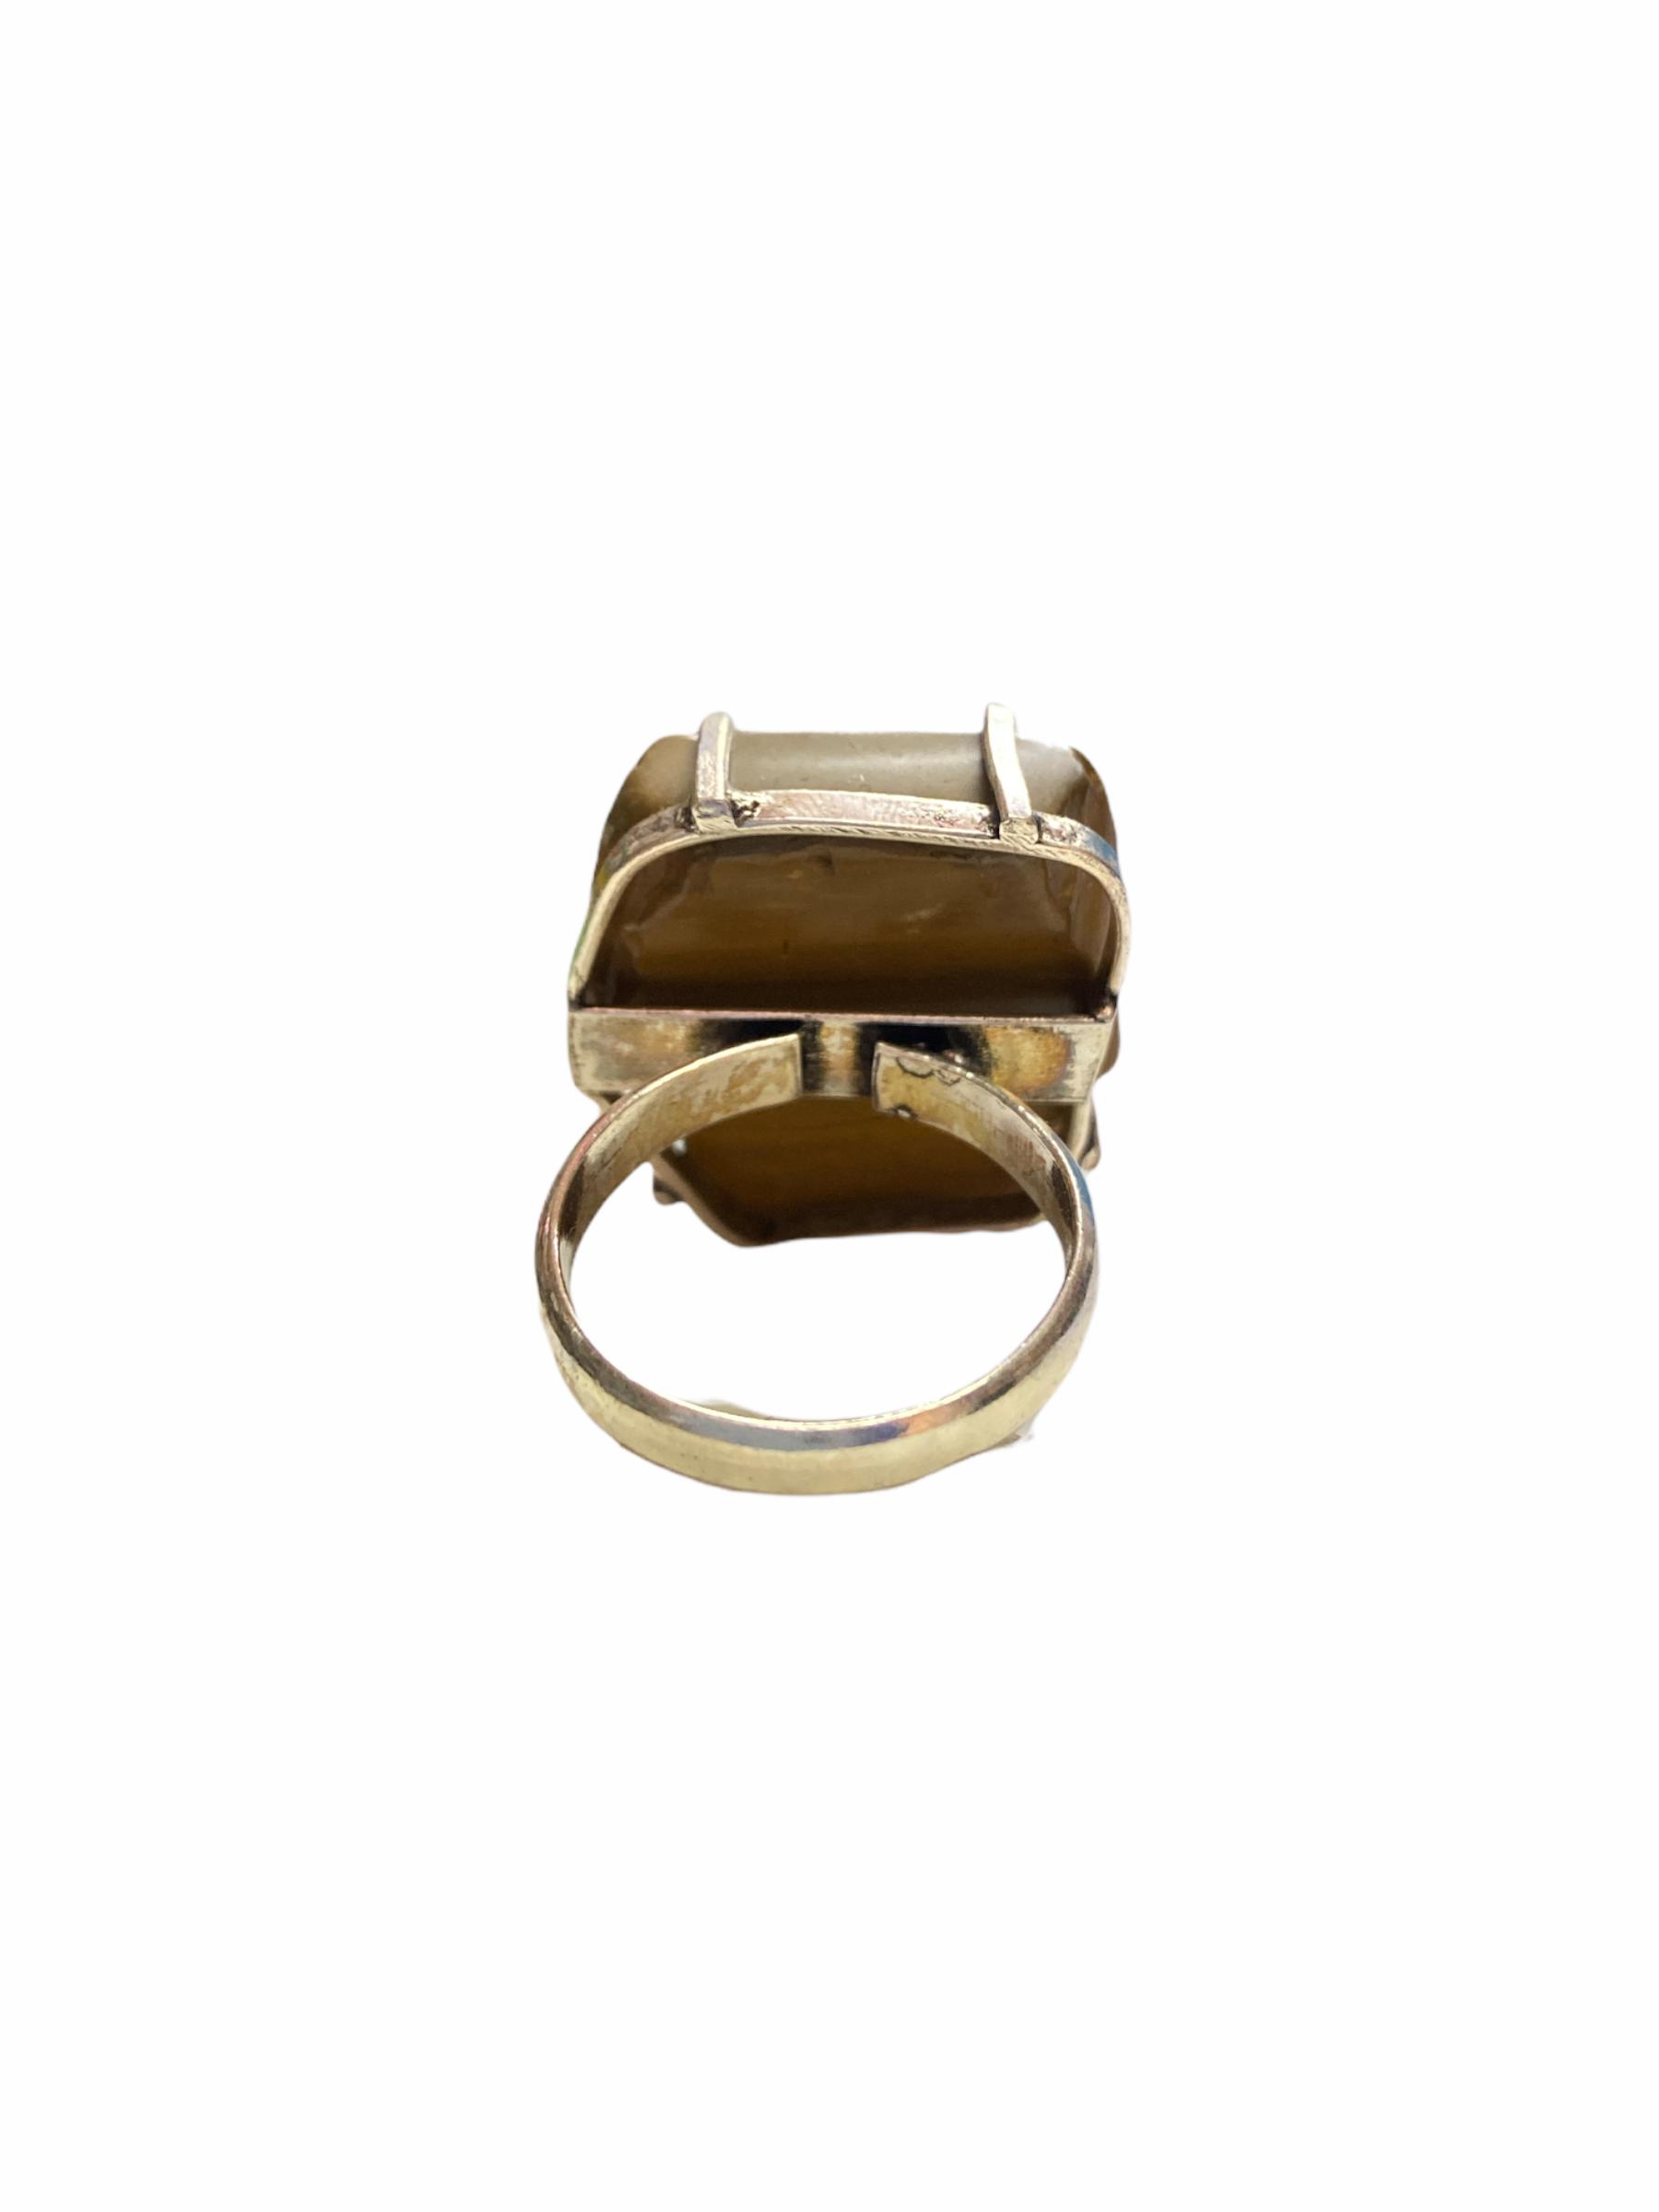 Δαχτυλίδι Χειροποίητο Ακατέργαστο Με Ίασπη Ασημί